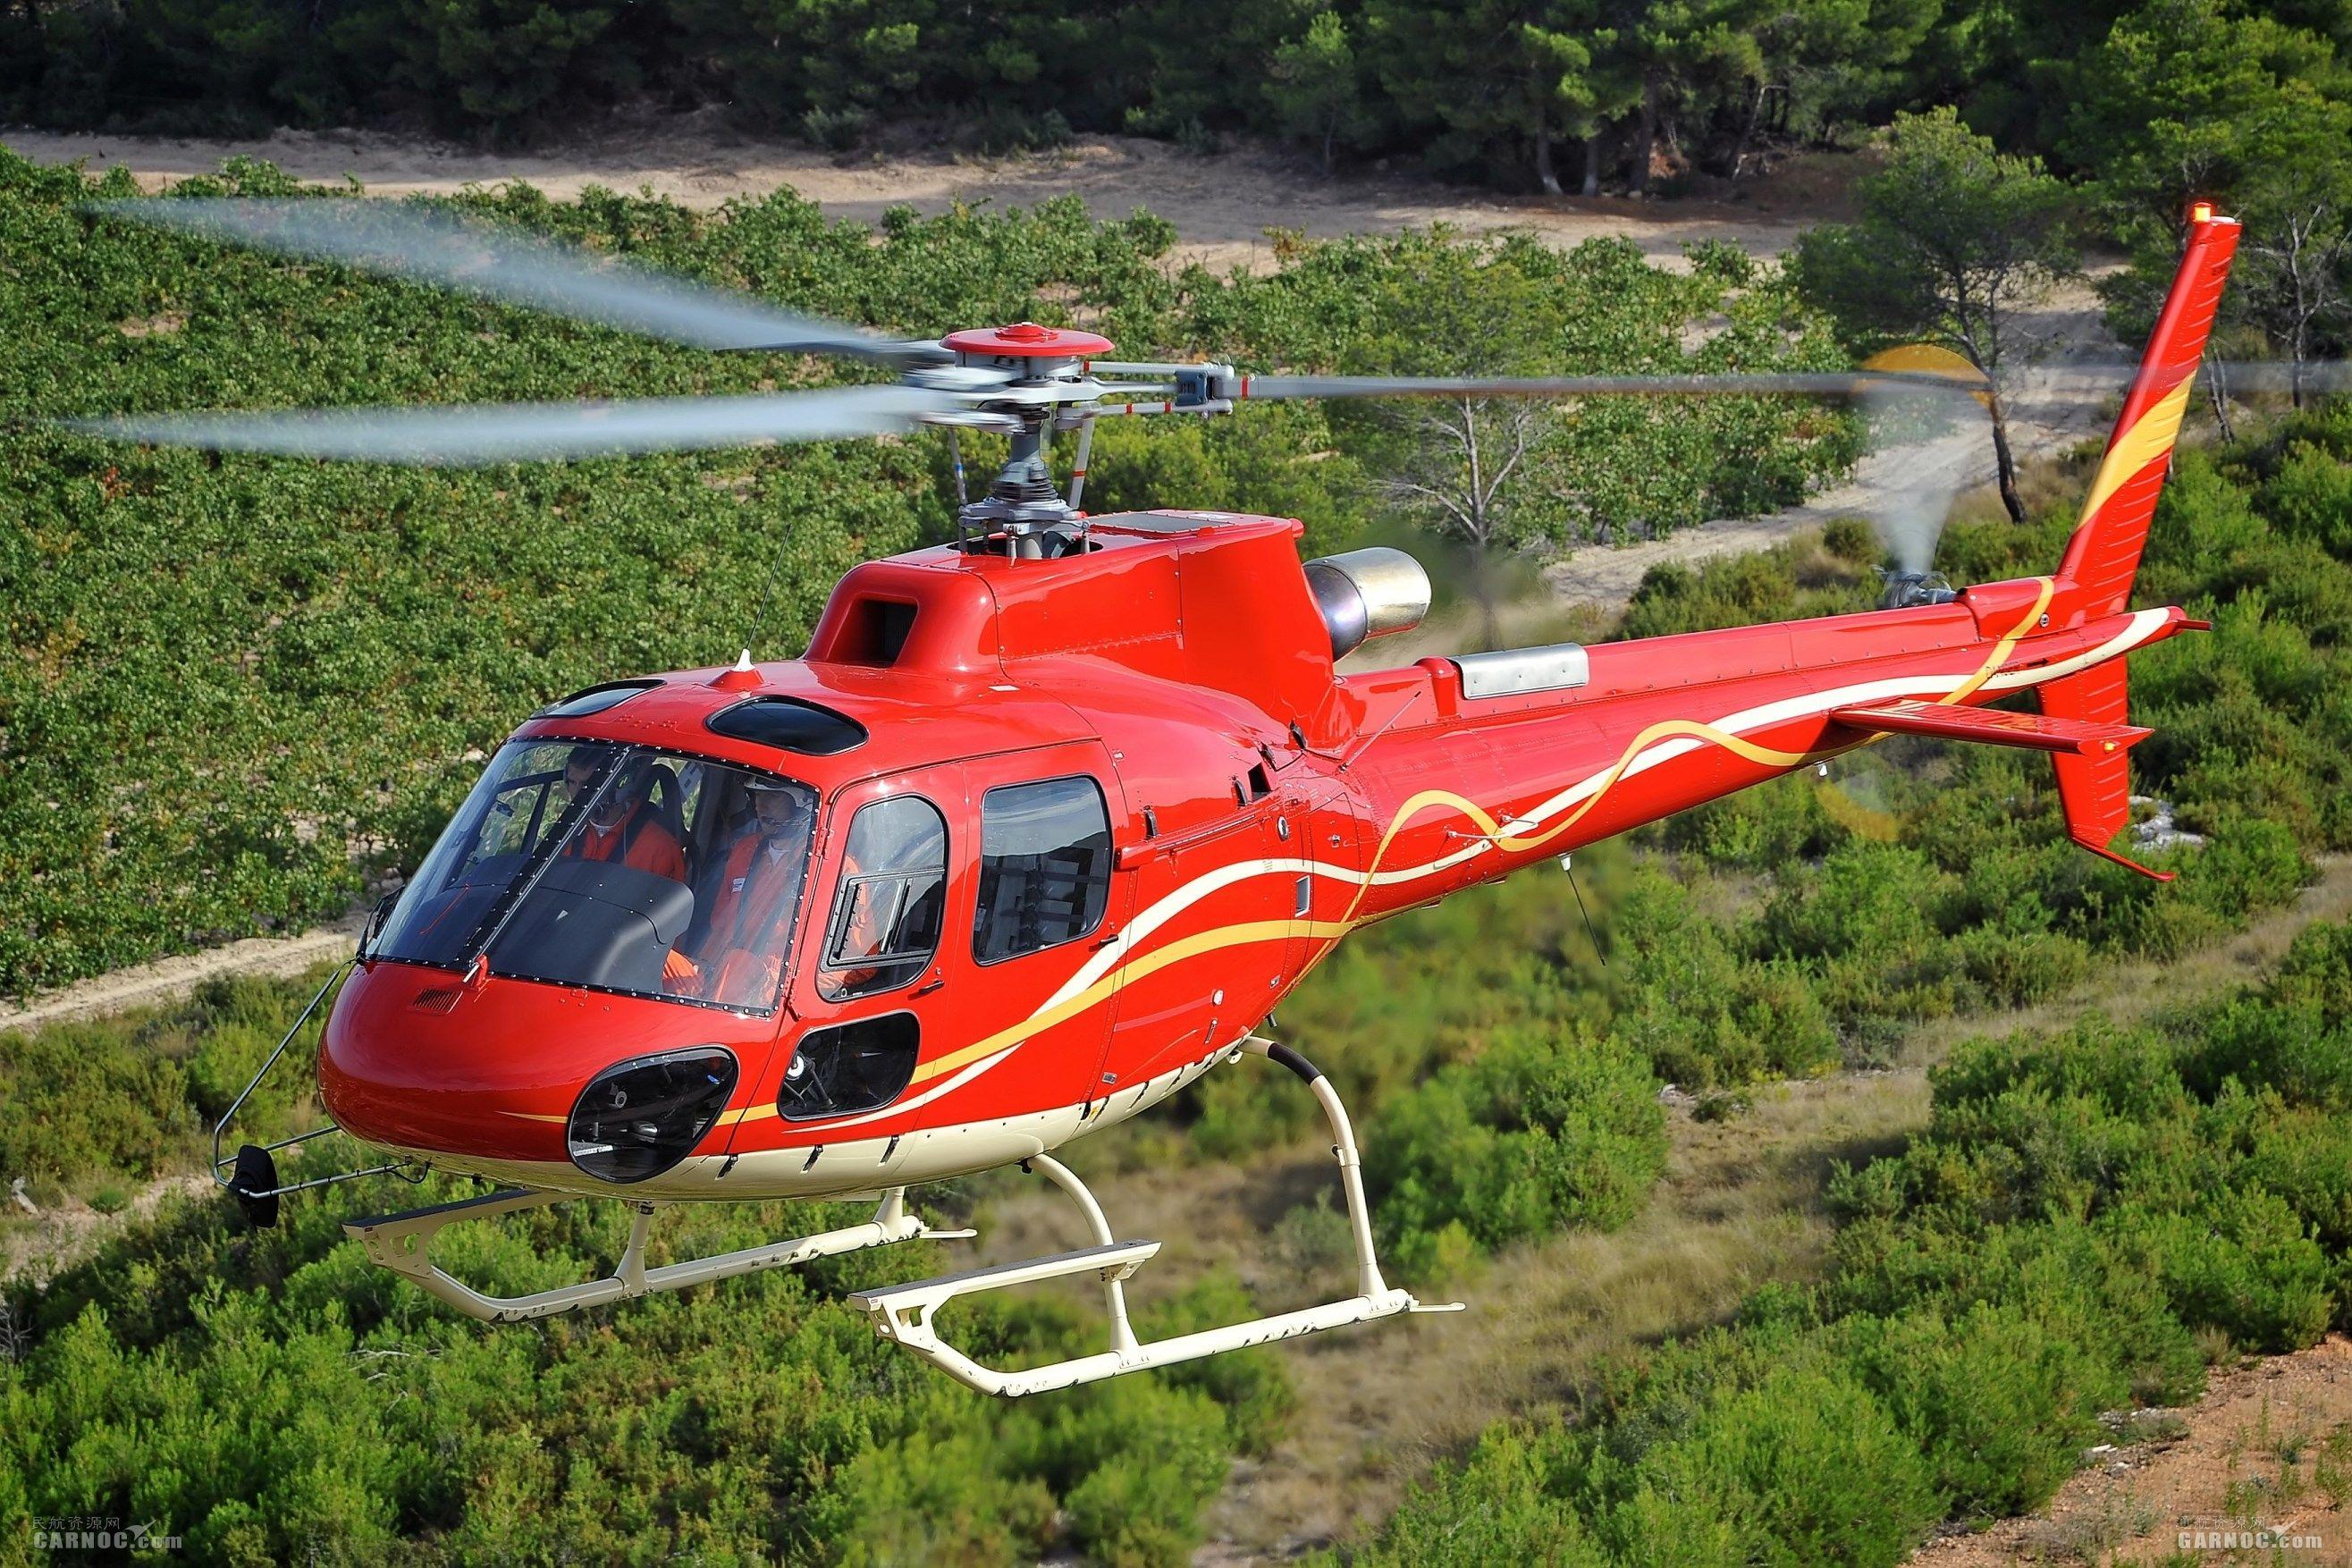 慕尼黑直升机旅游公司订购四架空客H125